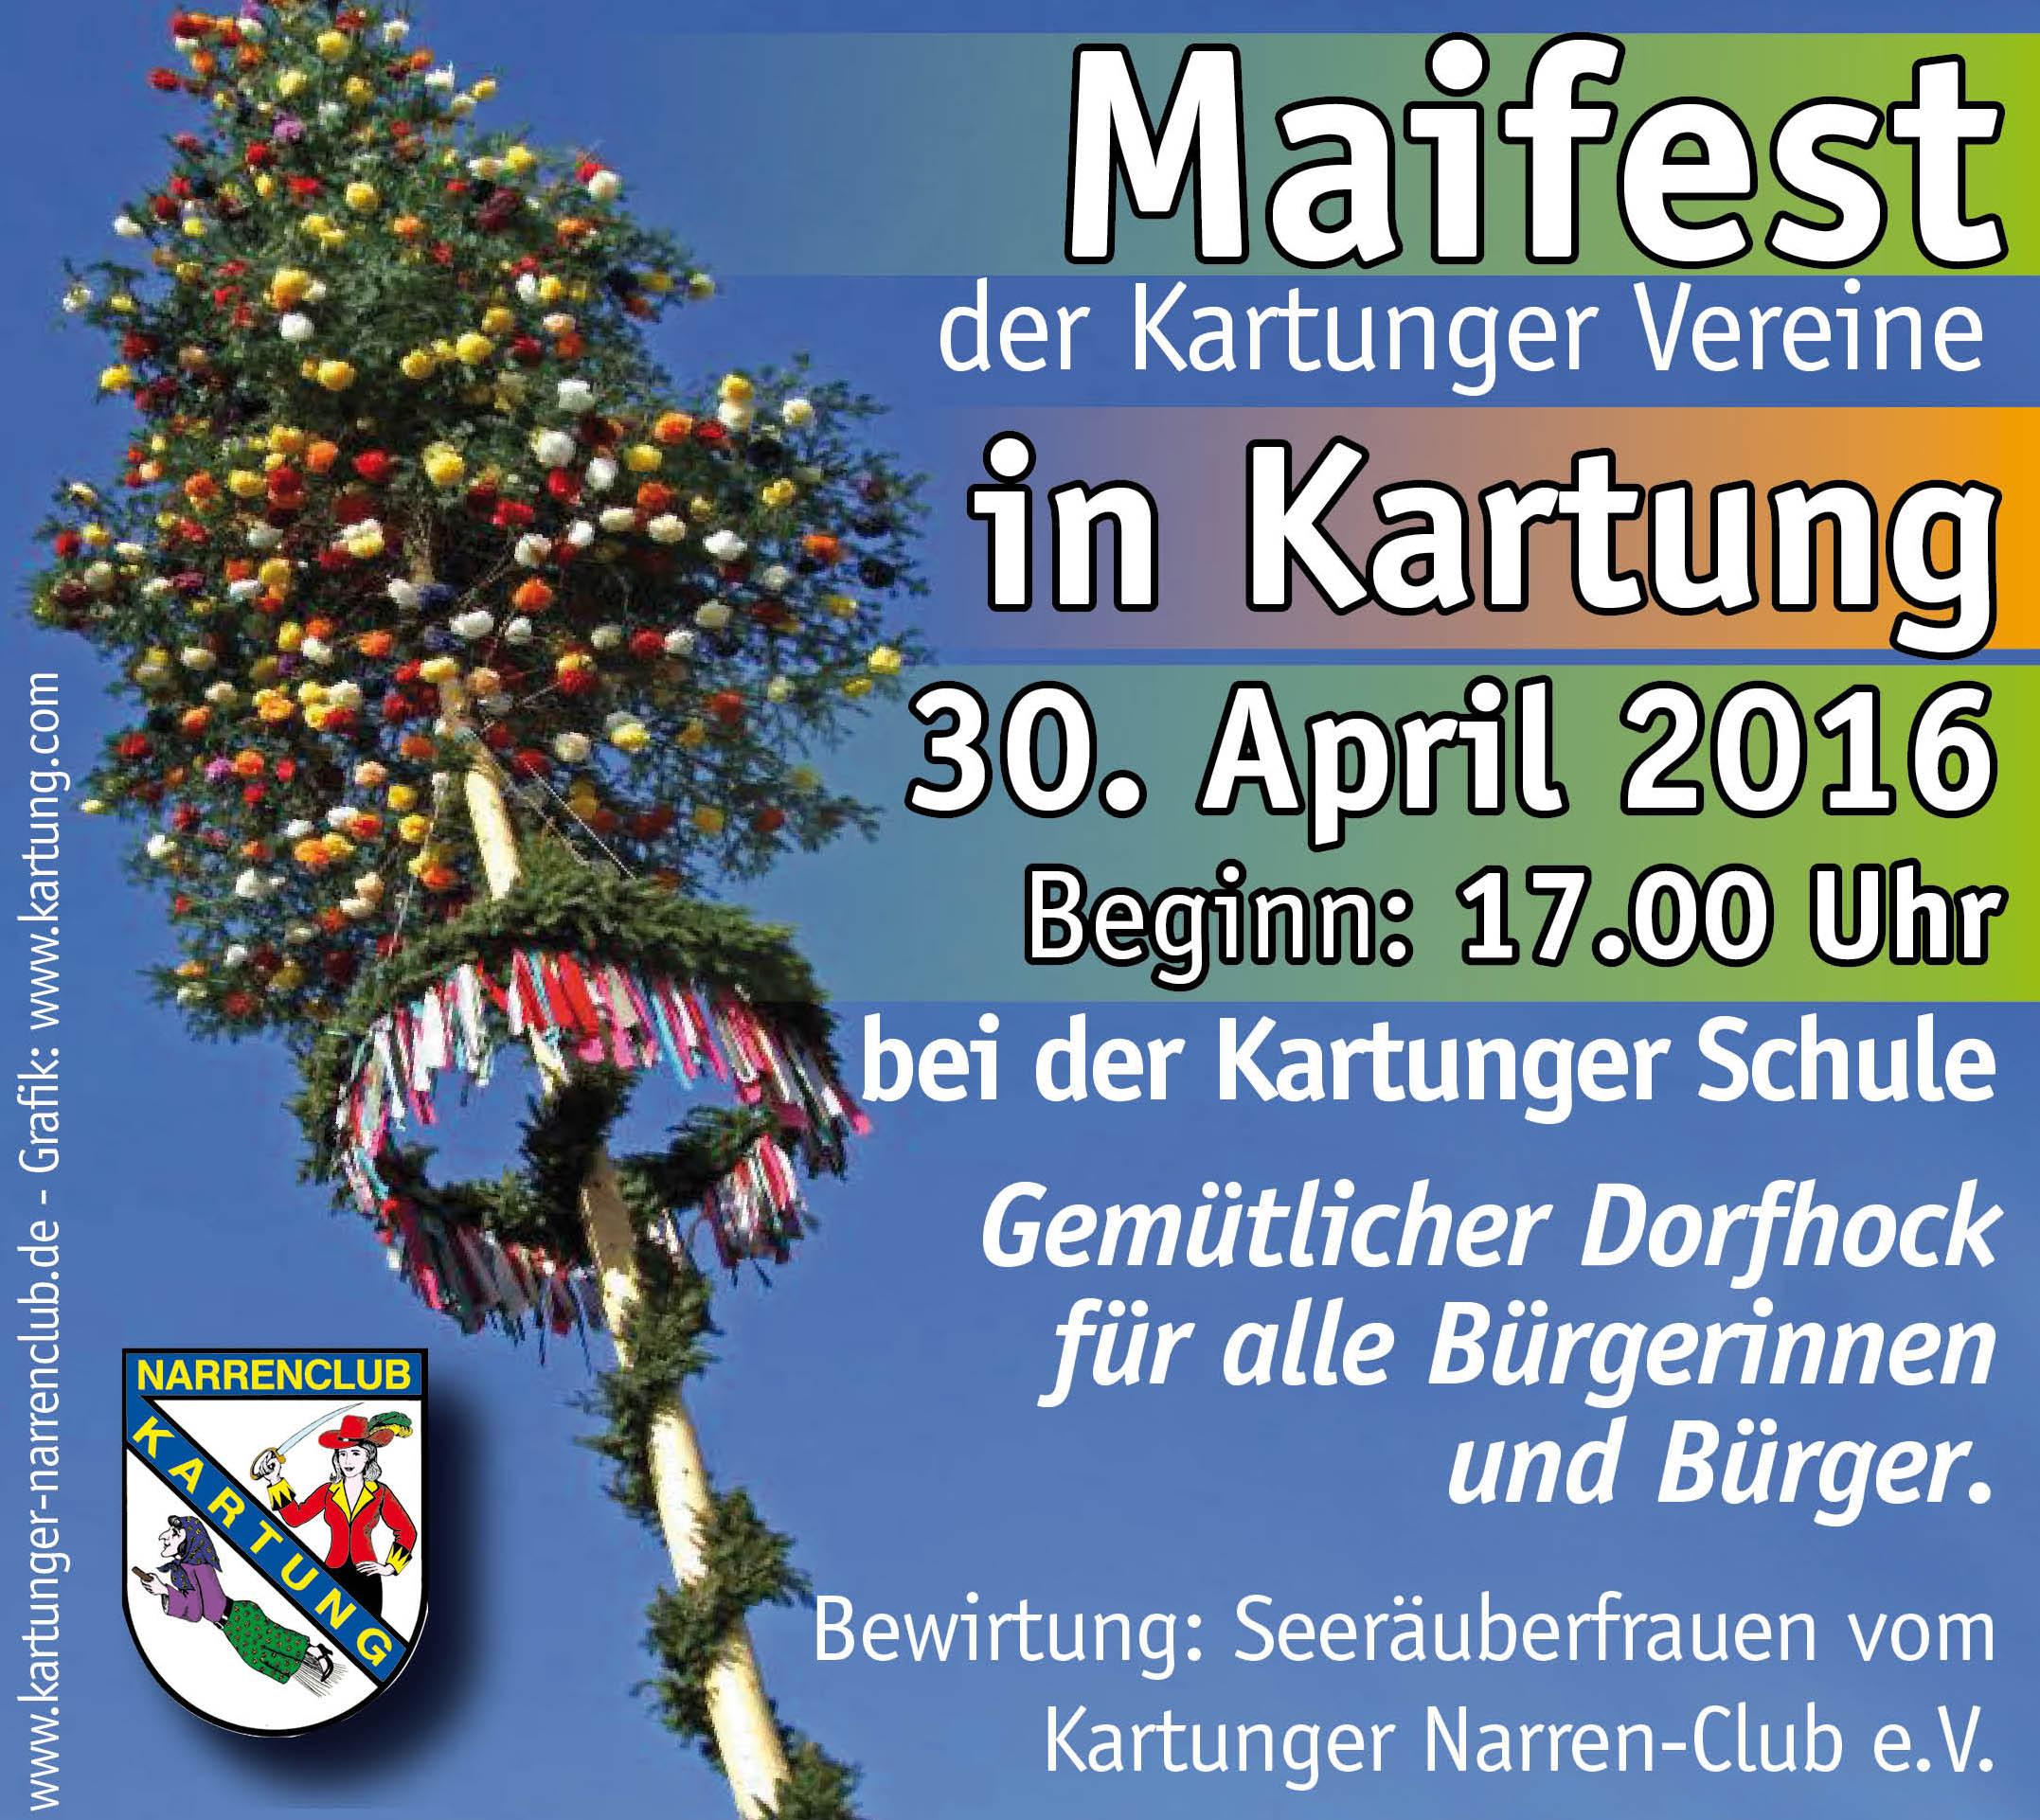 Maifest in Kartung bei der Kartunger Schule, 30.4.2016, 17.00 Uhr